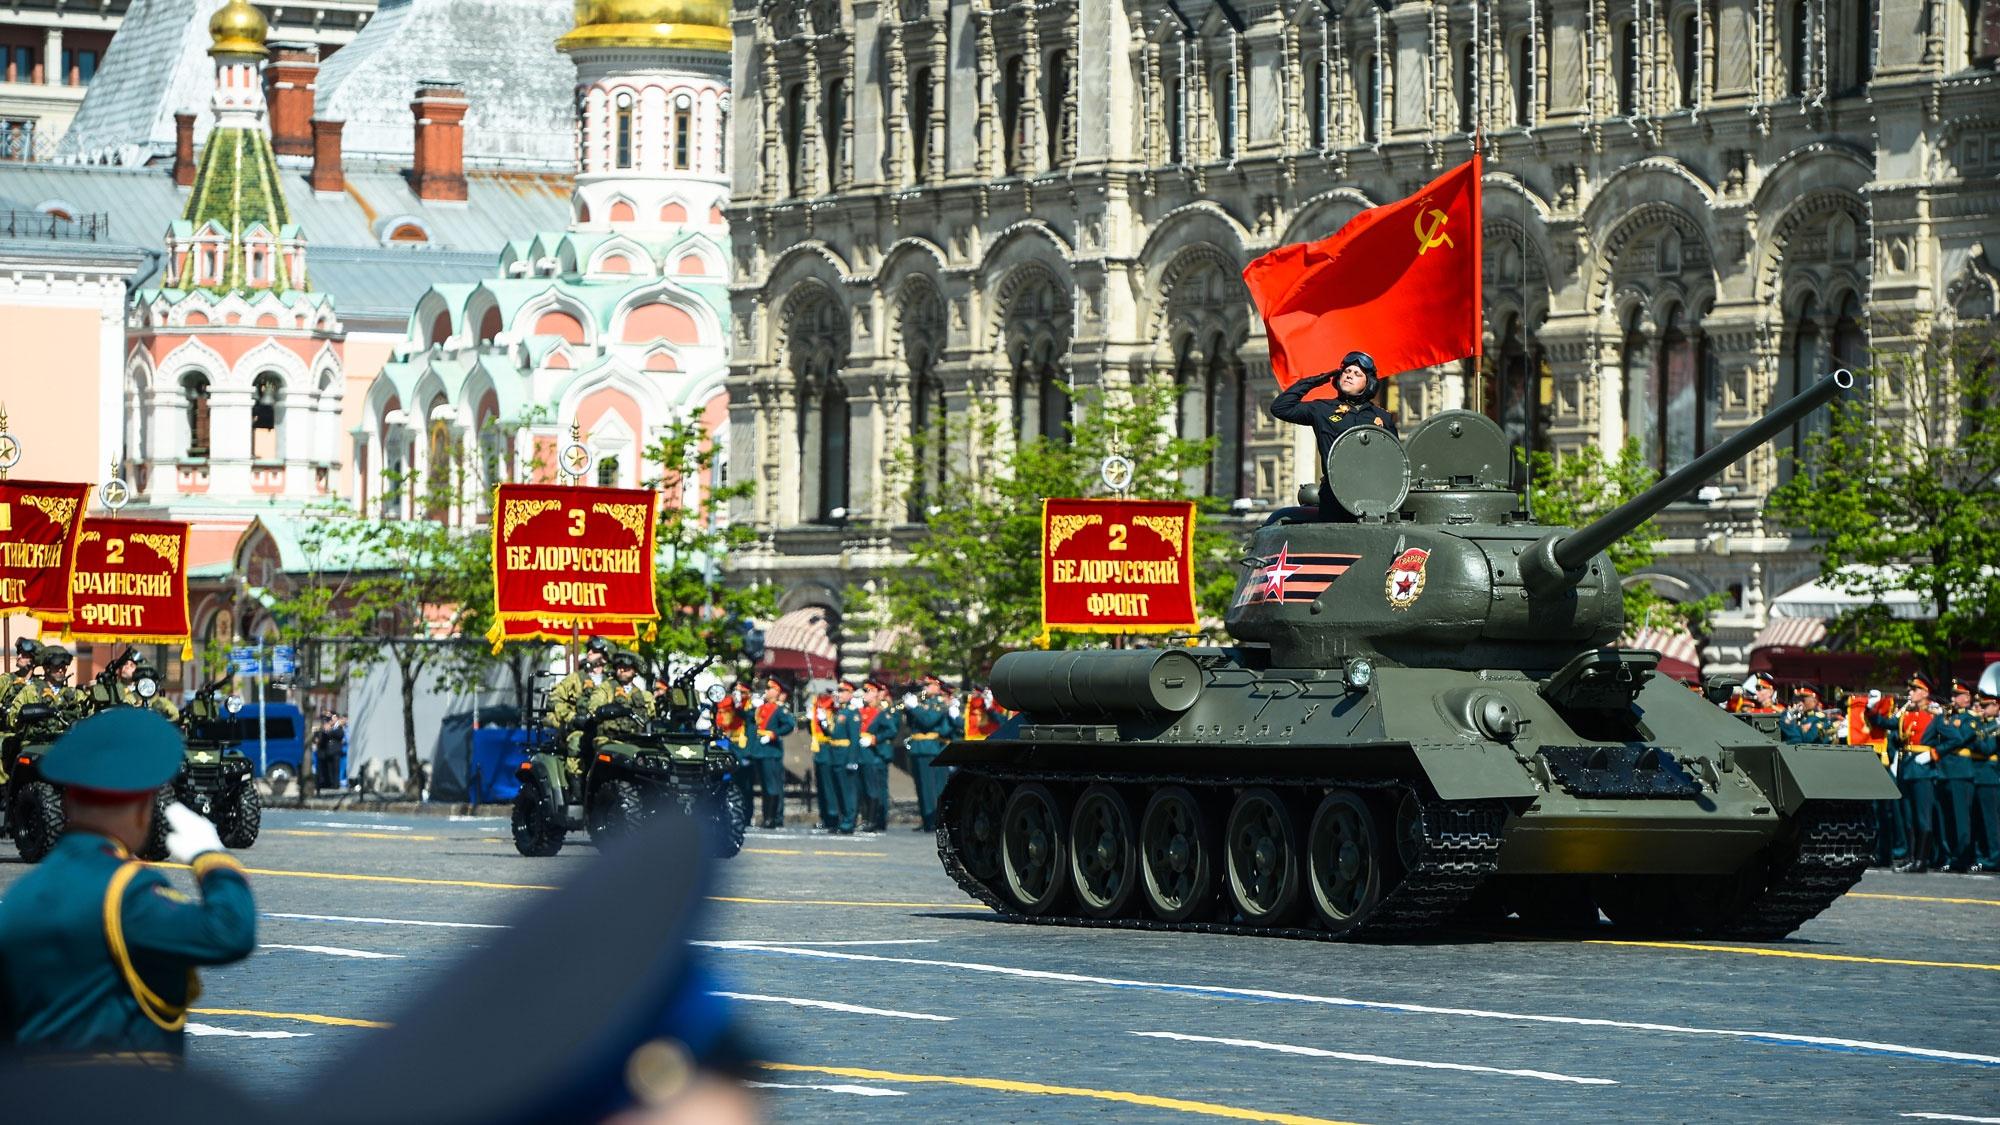 Парады во всей красе: на сайте Минобороны РФ открыт раздел, посвященный торжествам 24 июня